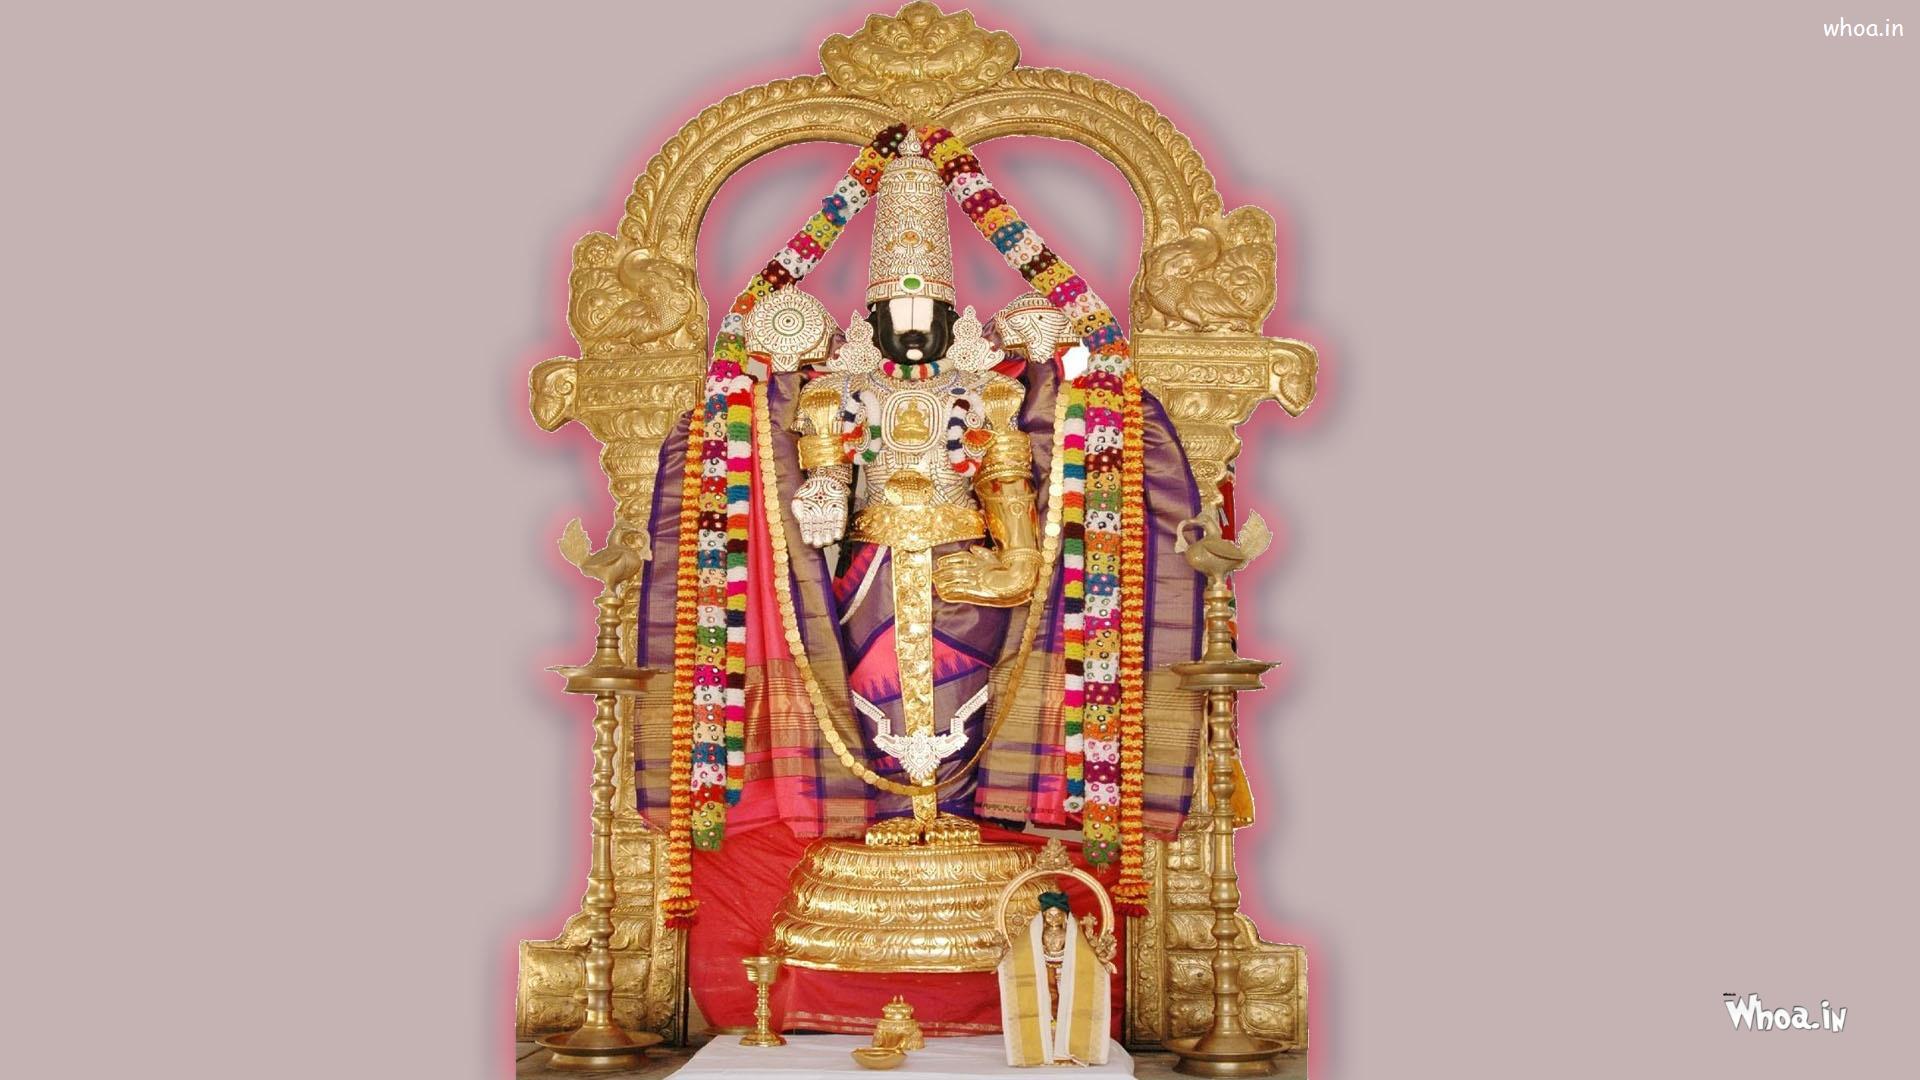 Good Wallpaper Lord Balaji - lord-balaji-statue-hd-wallpaper  Photograph_4202.in/download/lord-balaji-statue-hd-wallpaper